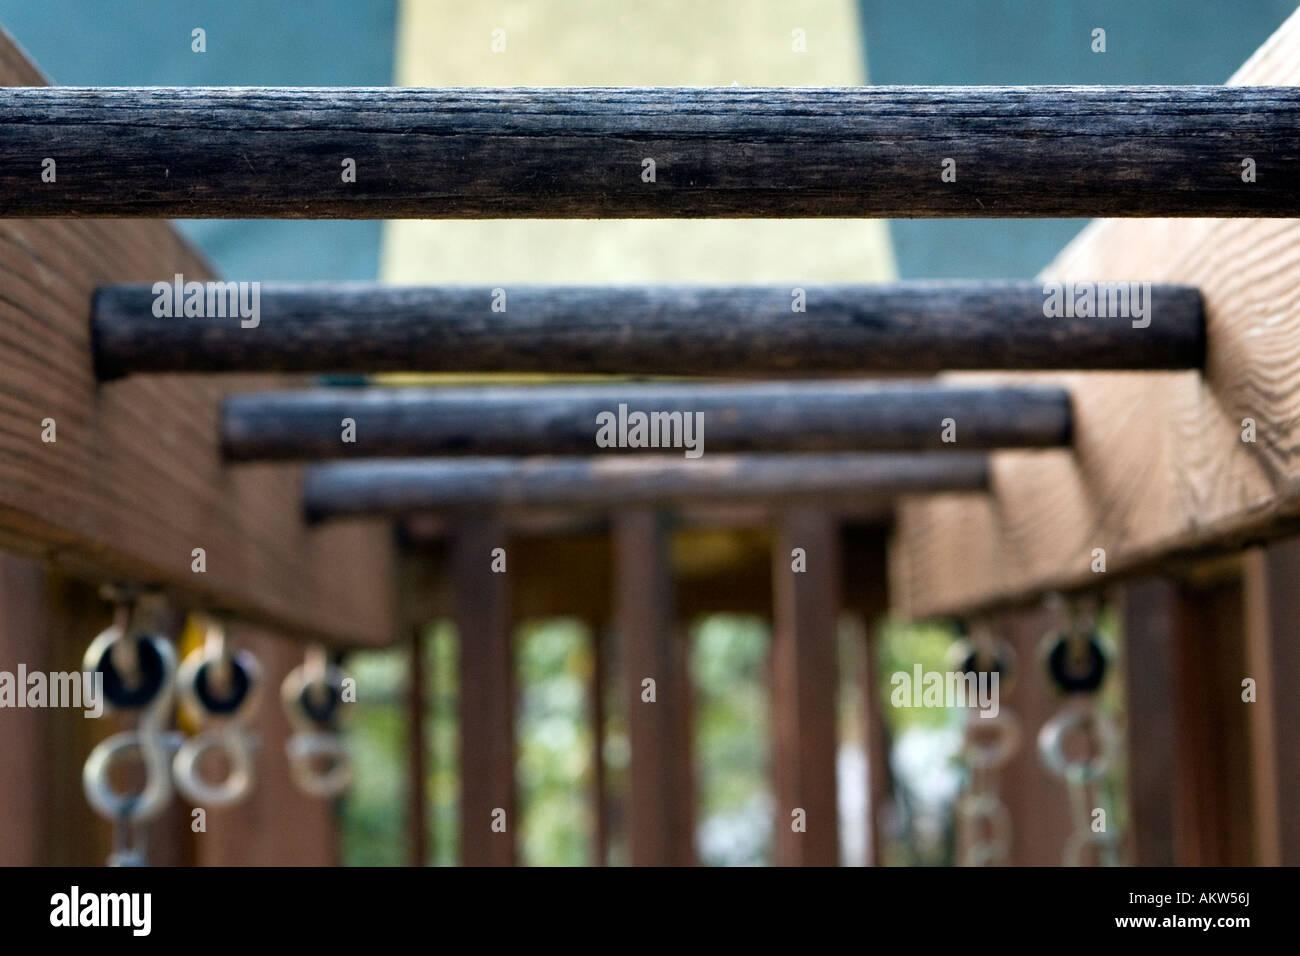 Klettergerüst Outdoor Holz : Verwitterte holz klettergerüst des outdoor spielset stockfoto